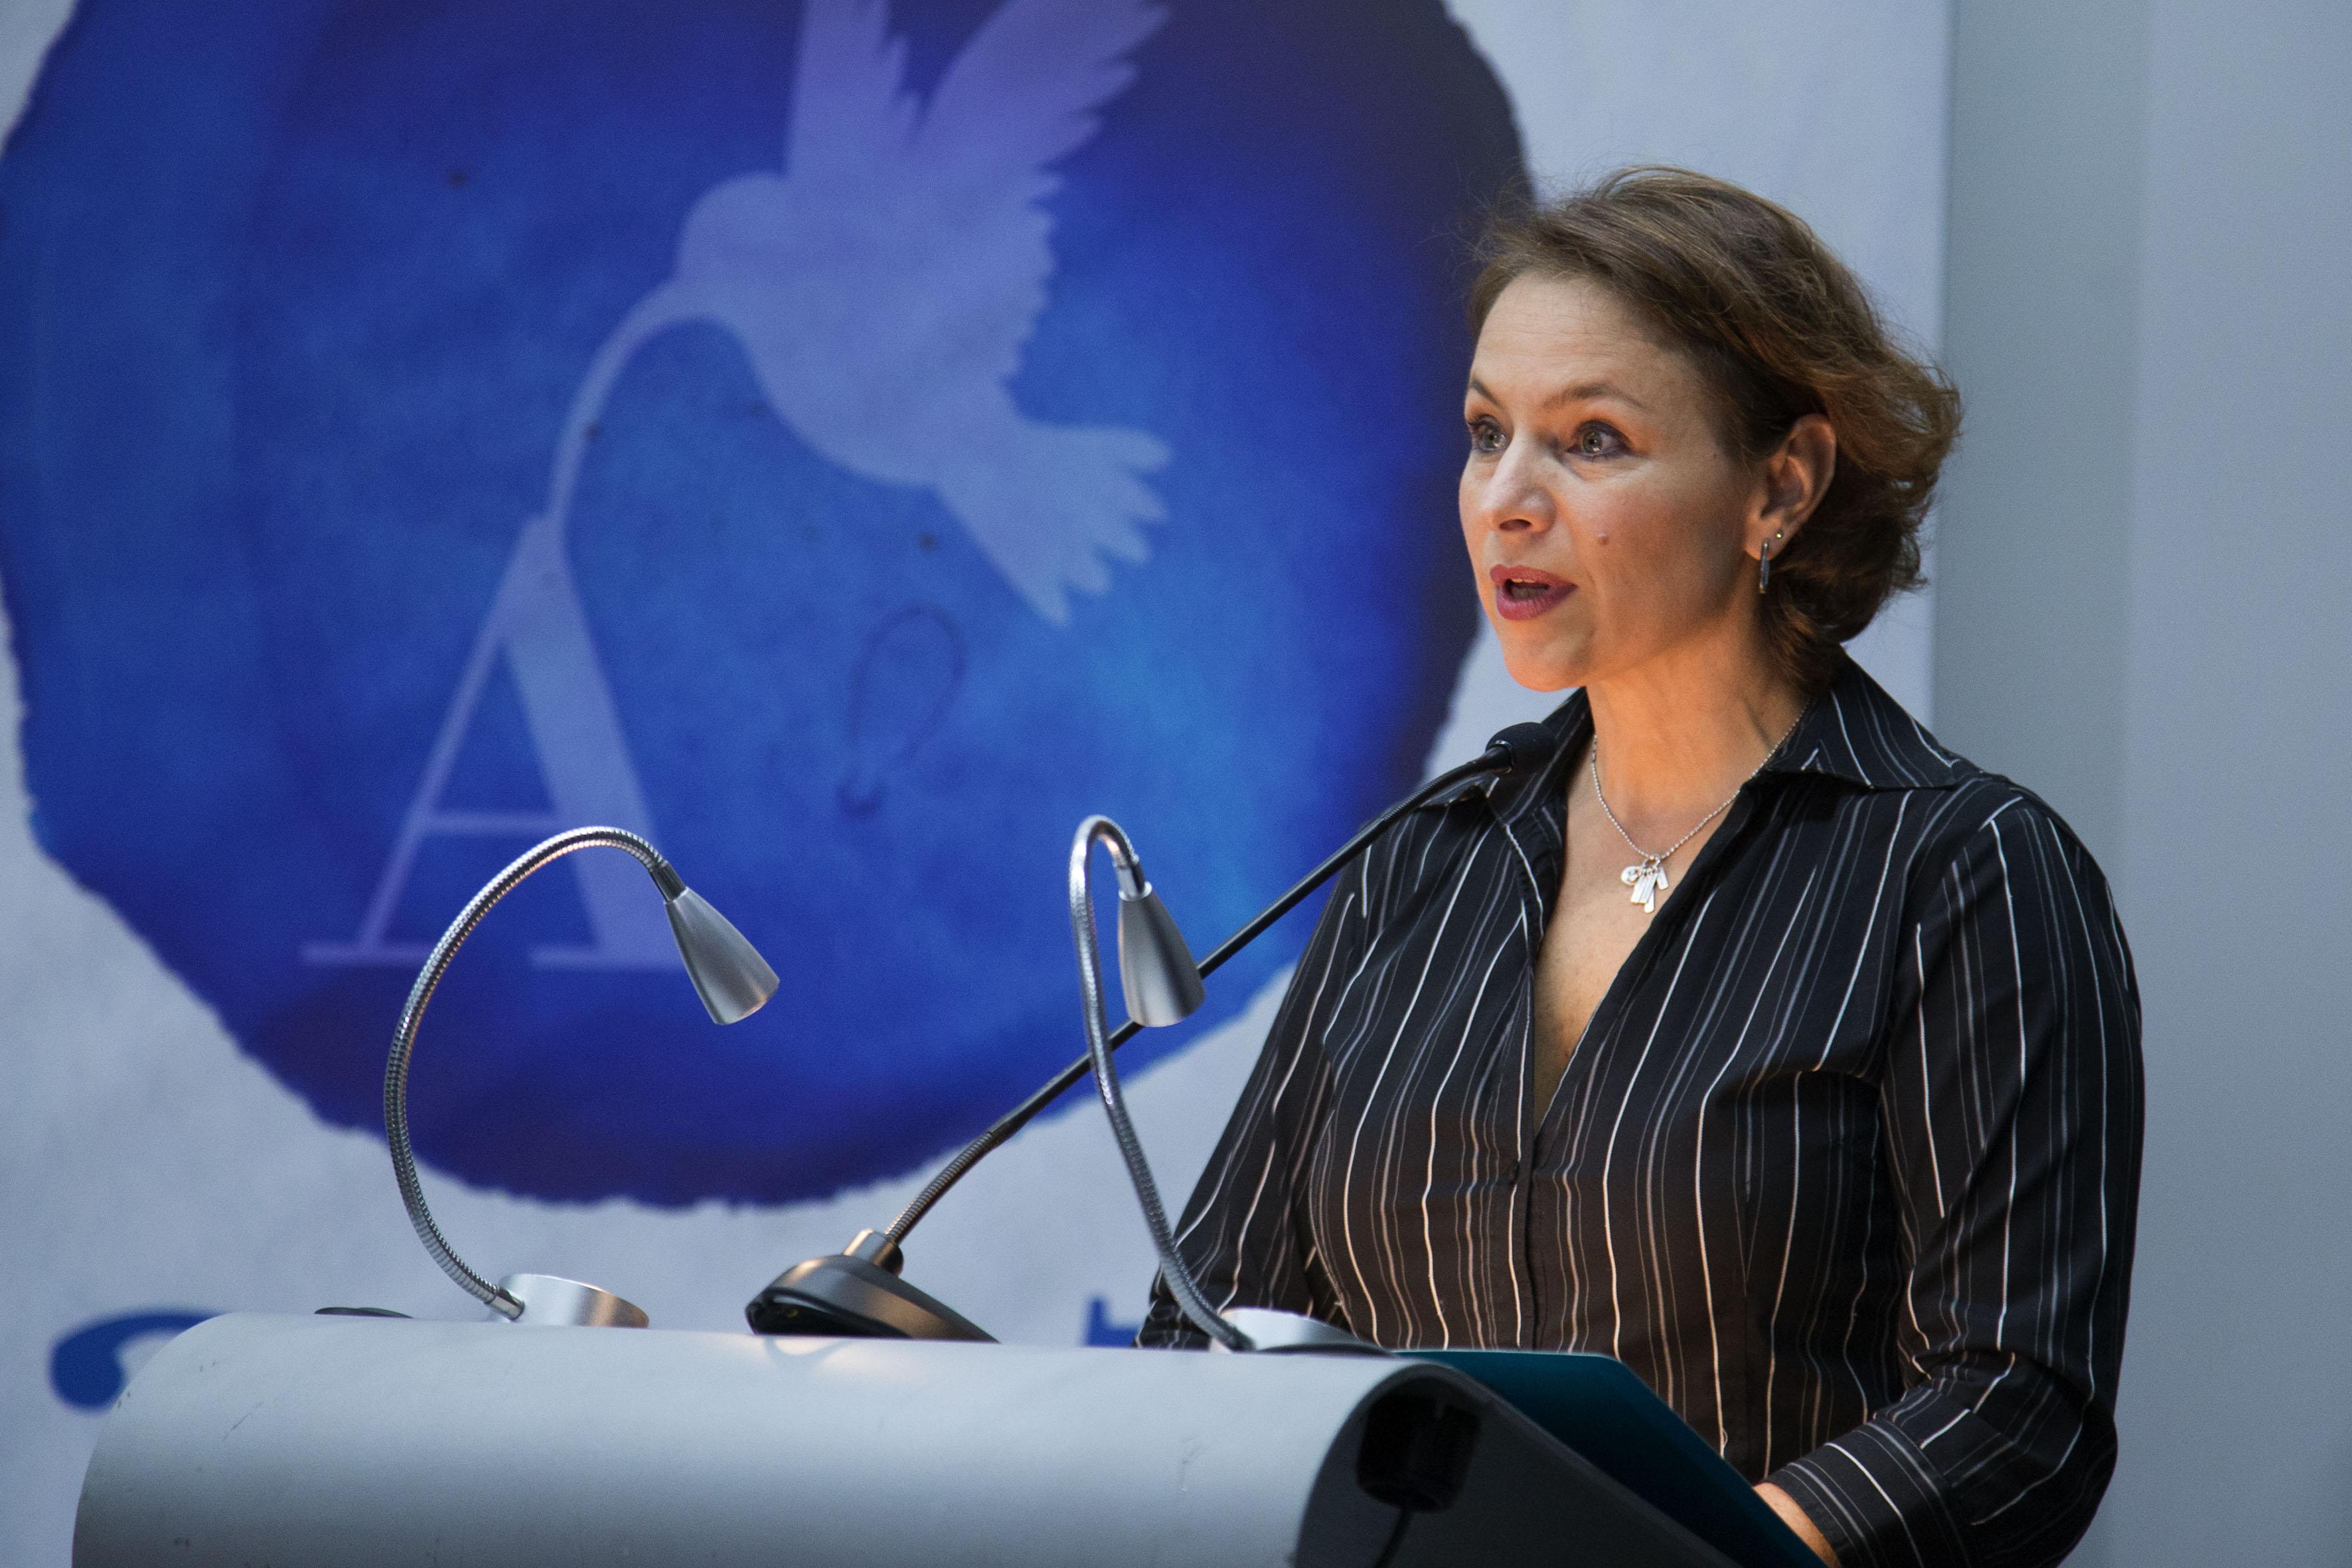 Miembro del jurado calificador, en podium del evento, haciendo uso de la palabra.